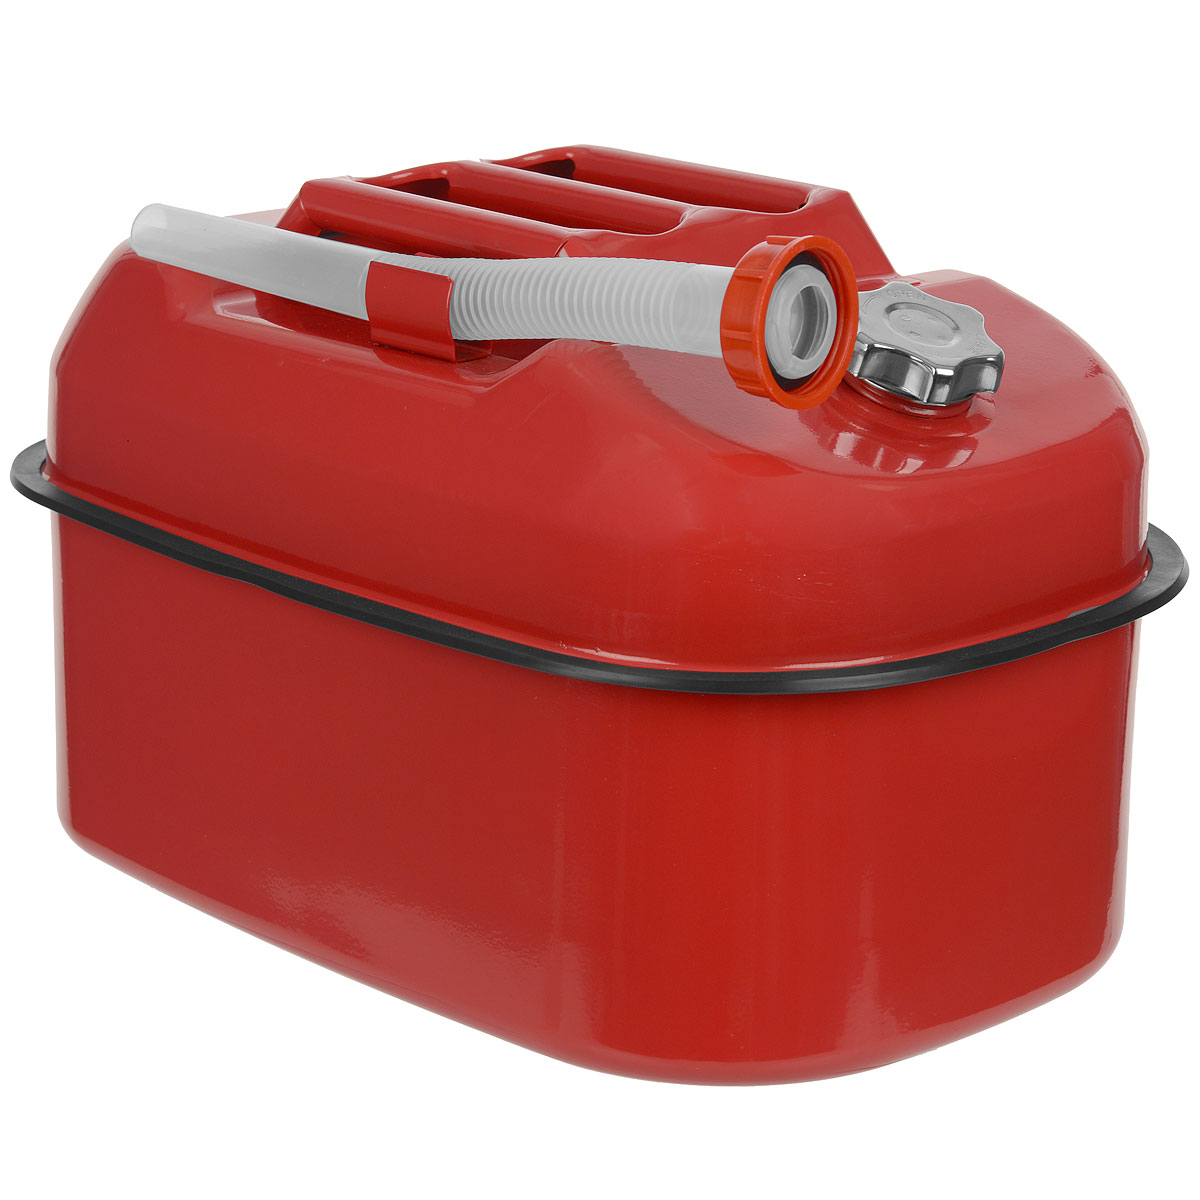 Канистра стальная Autoprofi, горизонтальная, 20 л19199Горизонтальная 20-литровая канистра Autoprofi особенно удобна для перевозки топлива в багажнике автомобиля, на квадроцикле, снегоходе или в катере. Горизонтальное распределение центра тяжести снижает риск опрокидывания емкости при транспортировке. Резиновый бортик канистры и отсутствие острых углов защищают от повреждений поверхность изделия и соседние предметы во время движения. Канистра изготовлена из оцинкованной стали, обладающей высокими антикоррозийными свойствами и устойчивостью к агрессивному воздействию залитого топлива. В верхнюю часть канистры встроен регулировочный клапан, который выравнивает давление воздуха внутри емкости с атмосферным, ускоряя процесс заливки и опорожнения. Также с канистрой поставляется длинная гофрированная трубка-лейка. С ее помощью удобно заливать топливо в горловину бака любой конфигурации. Характеристики: Материал: оцинкованная сталь. Цвет: красный. Объем: 20 л. Размер канистры (ДхШхВ): 40 см х 28 см х 27 см. Размер упаковки: 44 см х 31 см х 29 см. Артикул: KAN-500 (20L).